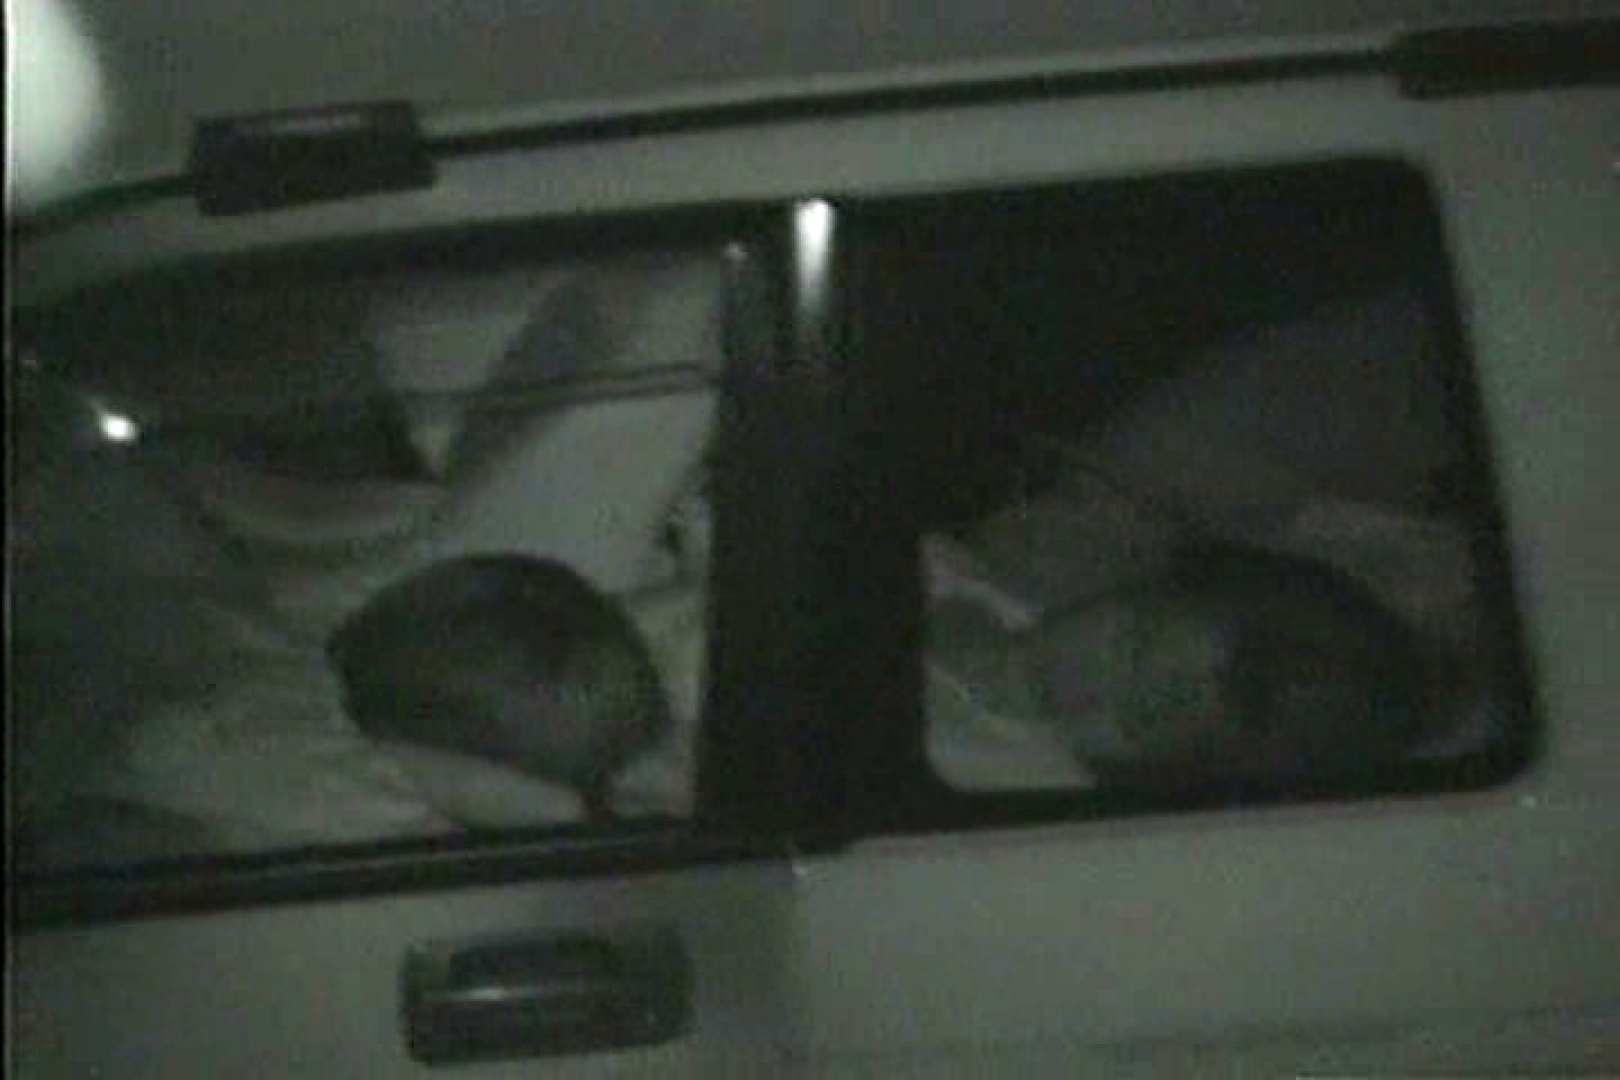 車の中はラブホテル 無修正版  Vol.10 ラブホテル 盗撮ヌード画像 33pic 7